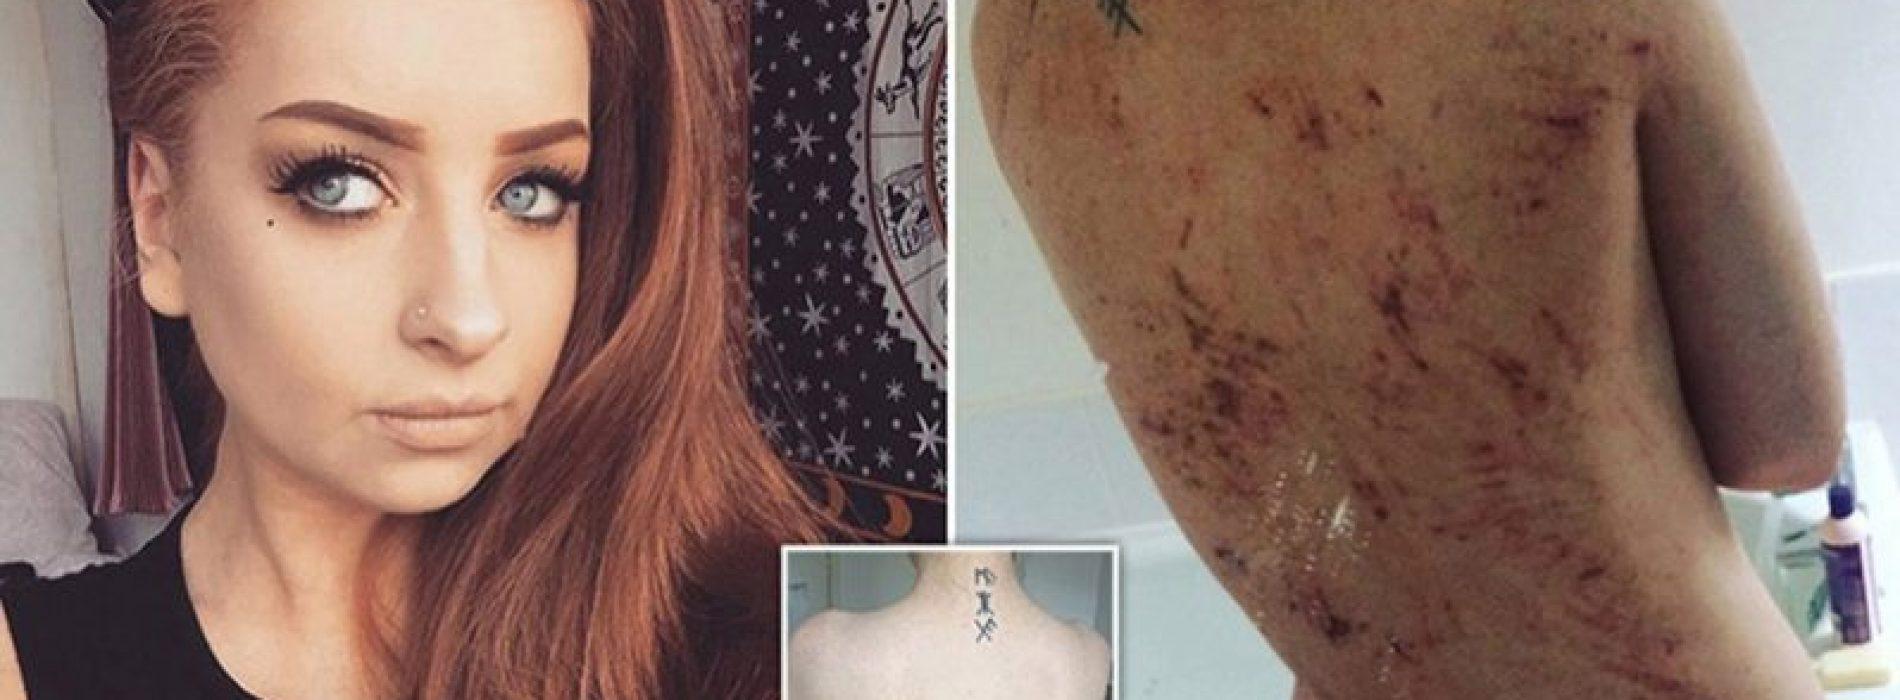 Vrouw, 26, met eczeem Al haar leven is bijna genezen na het veranderen van haar dieet